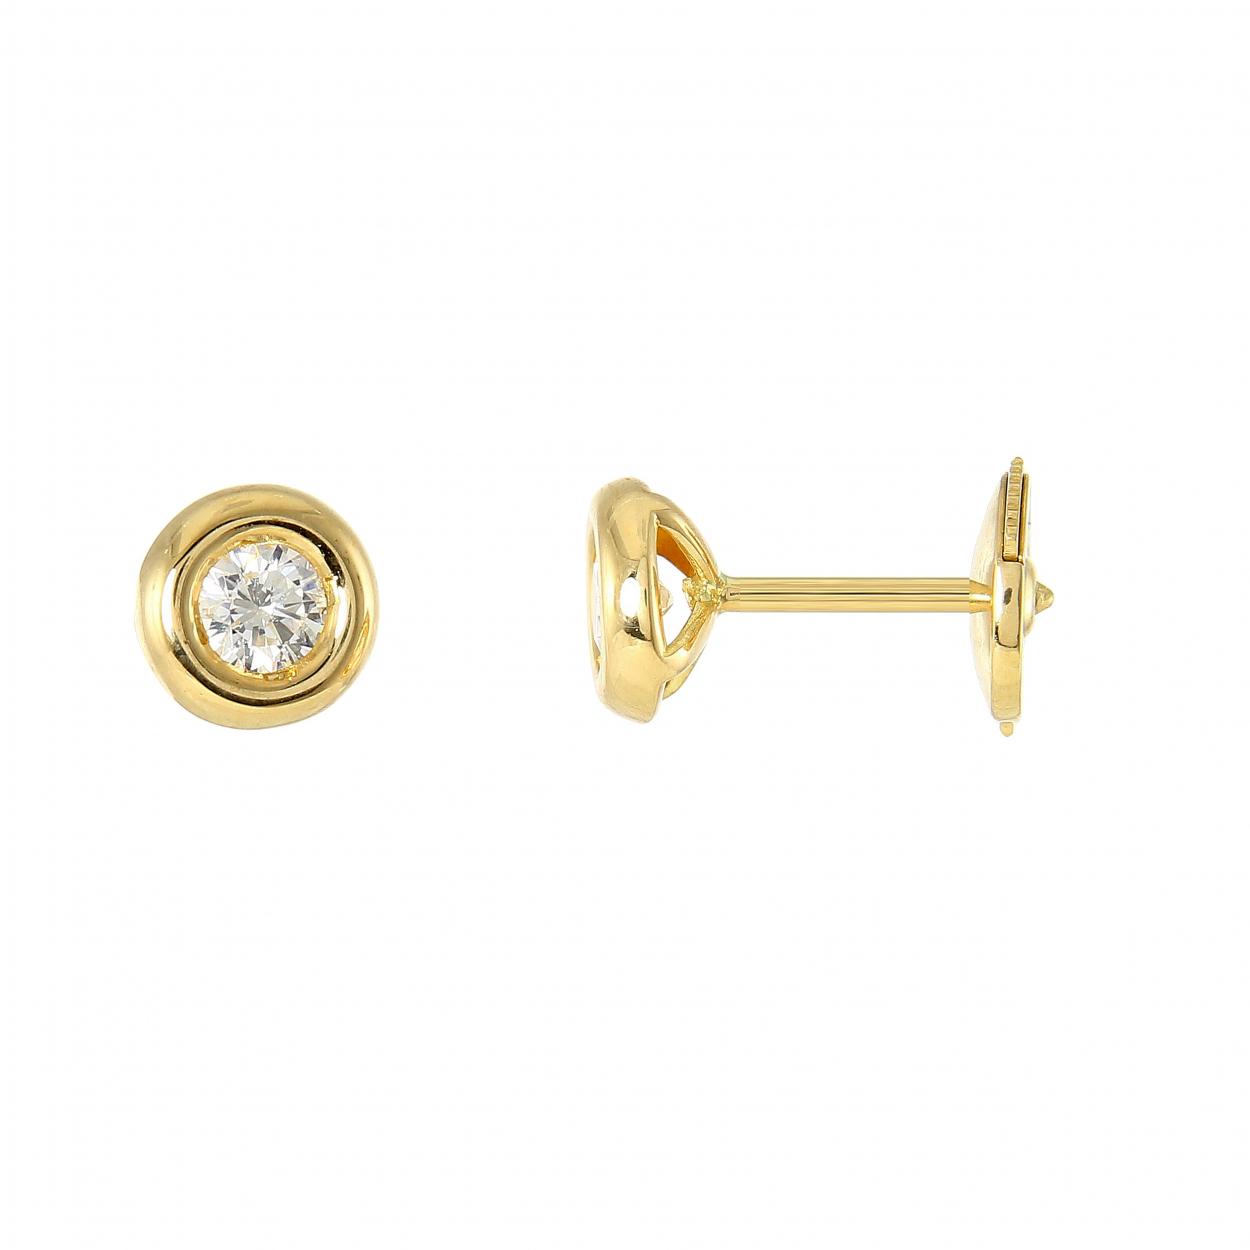 prix de boucle d oreille en diamant bijoux de la saison 2018. Black Bedroom Furniture Sets. Home Design Ideas